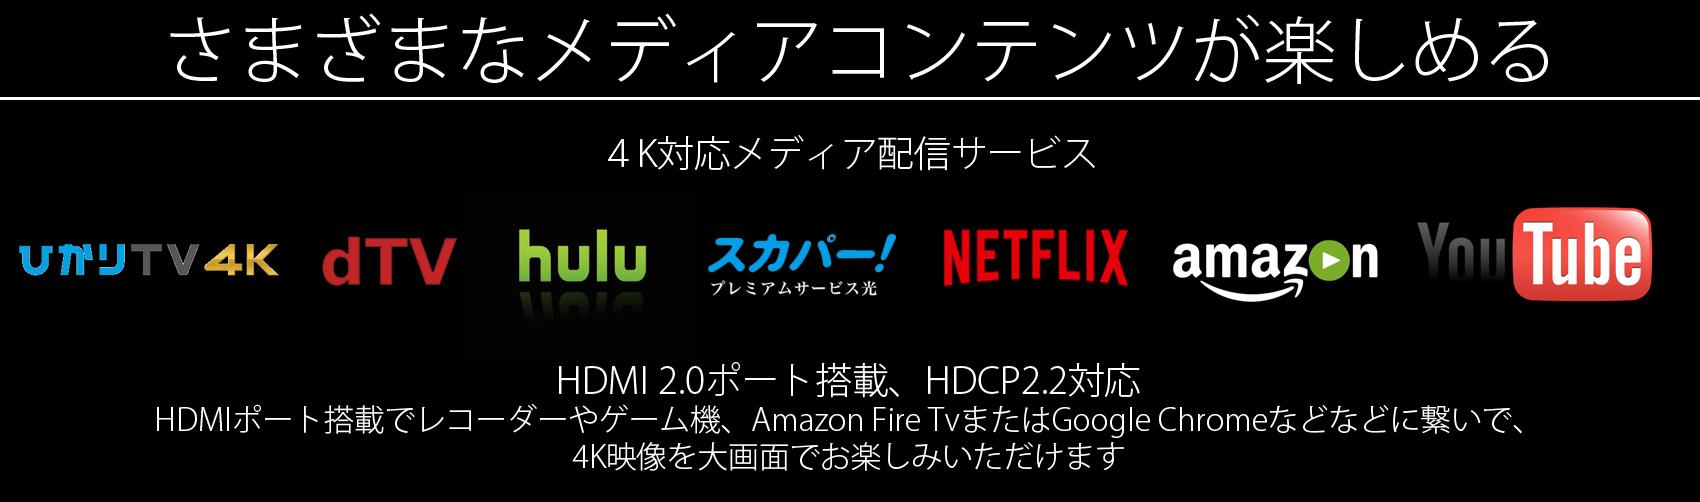 パソコンのみならず、さまざまなメディアコンテンツが楽しめる。4K対応メディア配信サービス。ひかりTV 4K, dTV, YouTube, NETFLIX,スカパー!プレミアムサービス,AMAZONビデオ、ニコニコ動画などな… HDMI2.0ポート搭載でレコーダーやゲーム機、Amazon Fire TvまたはGoogle Chromeなどなどに繋いで、4K映像を大画面でお楽しみいただけます。